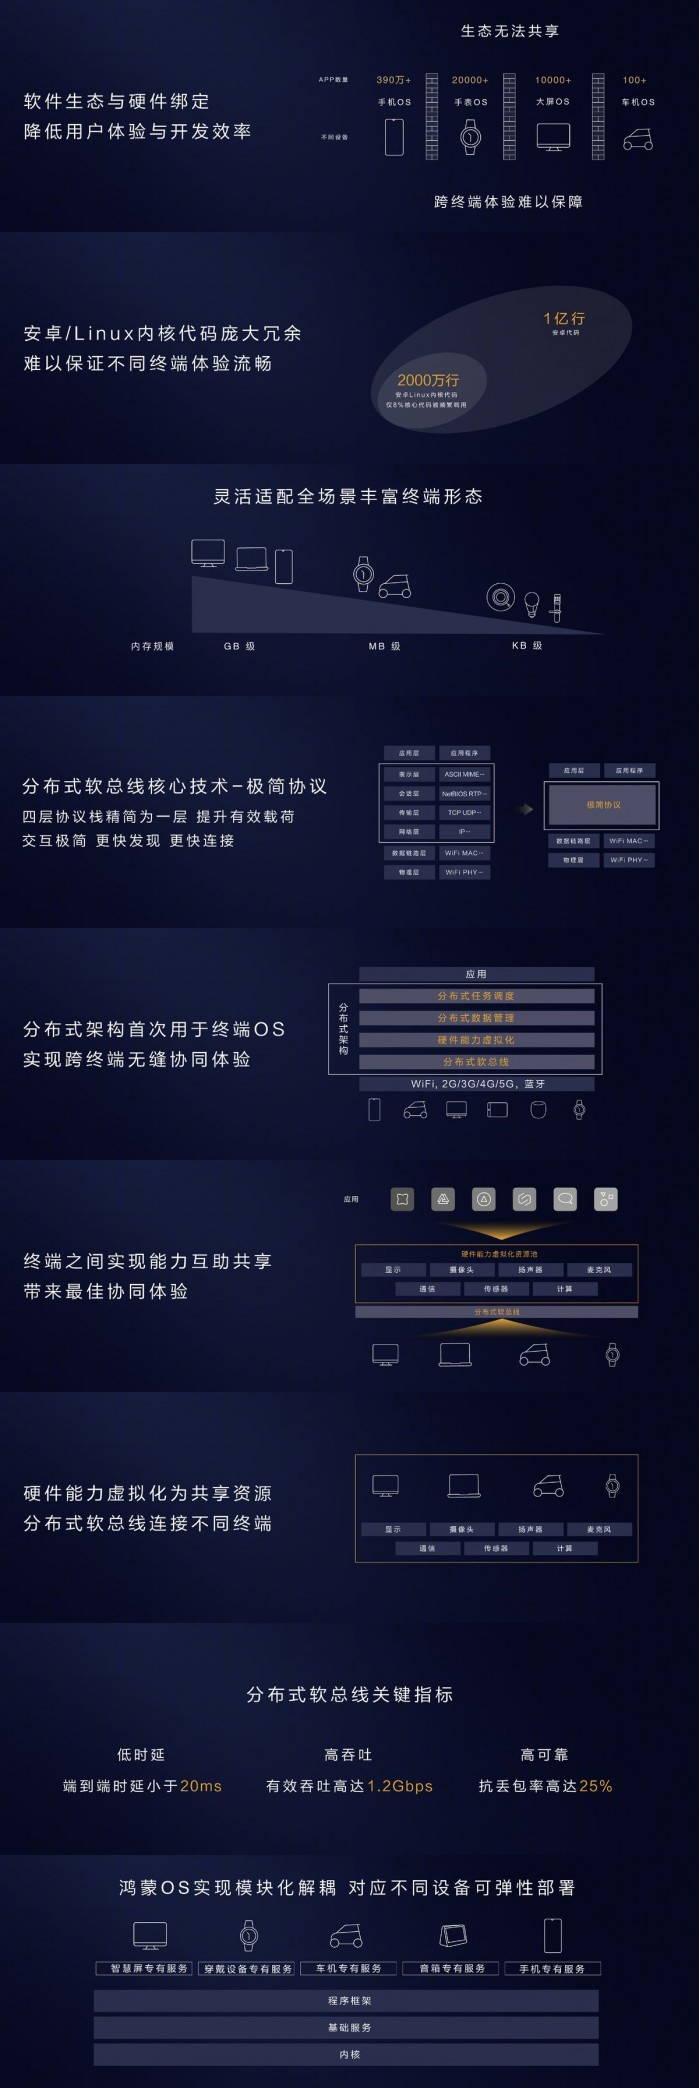 余承东:华为手机迁移鸿蒙OS只需1-2天-玩懂手机网 - 玩懂手机第一手的手机资讯网(www.wdshouji.com)